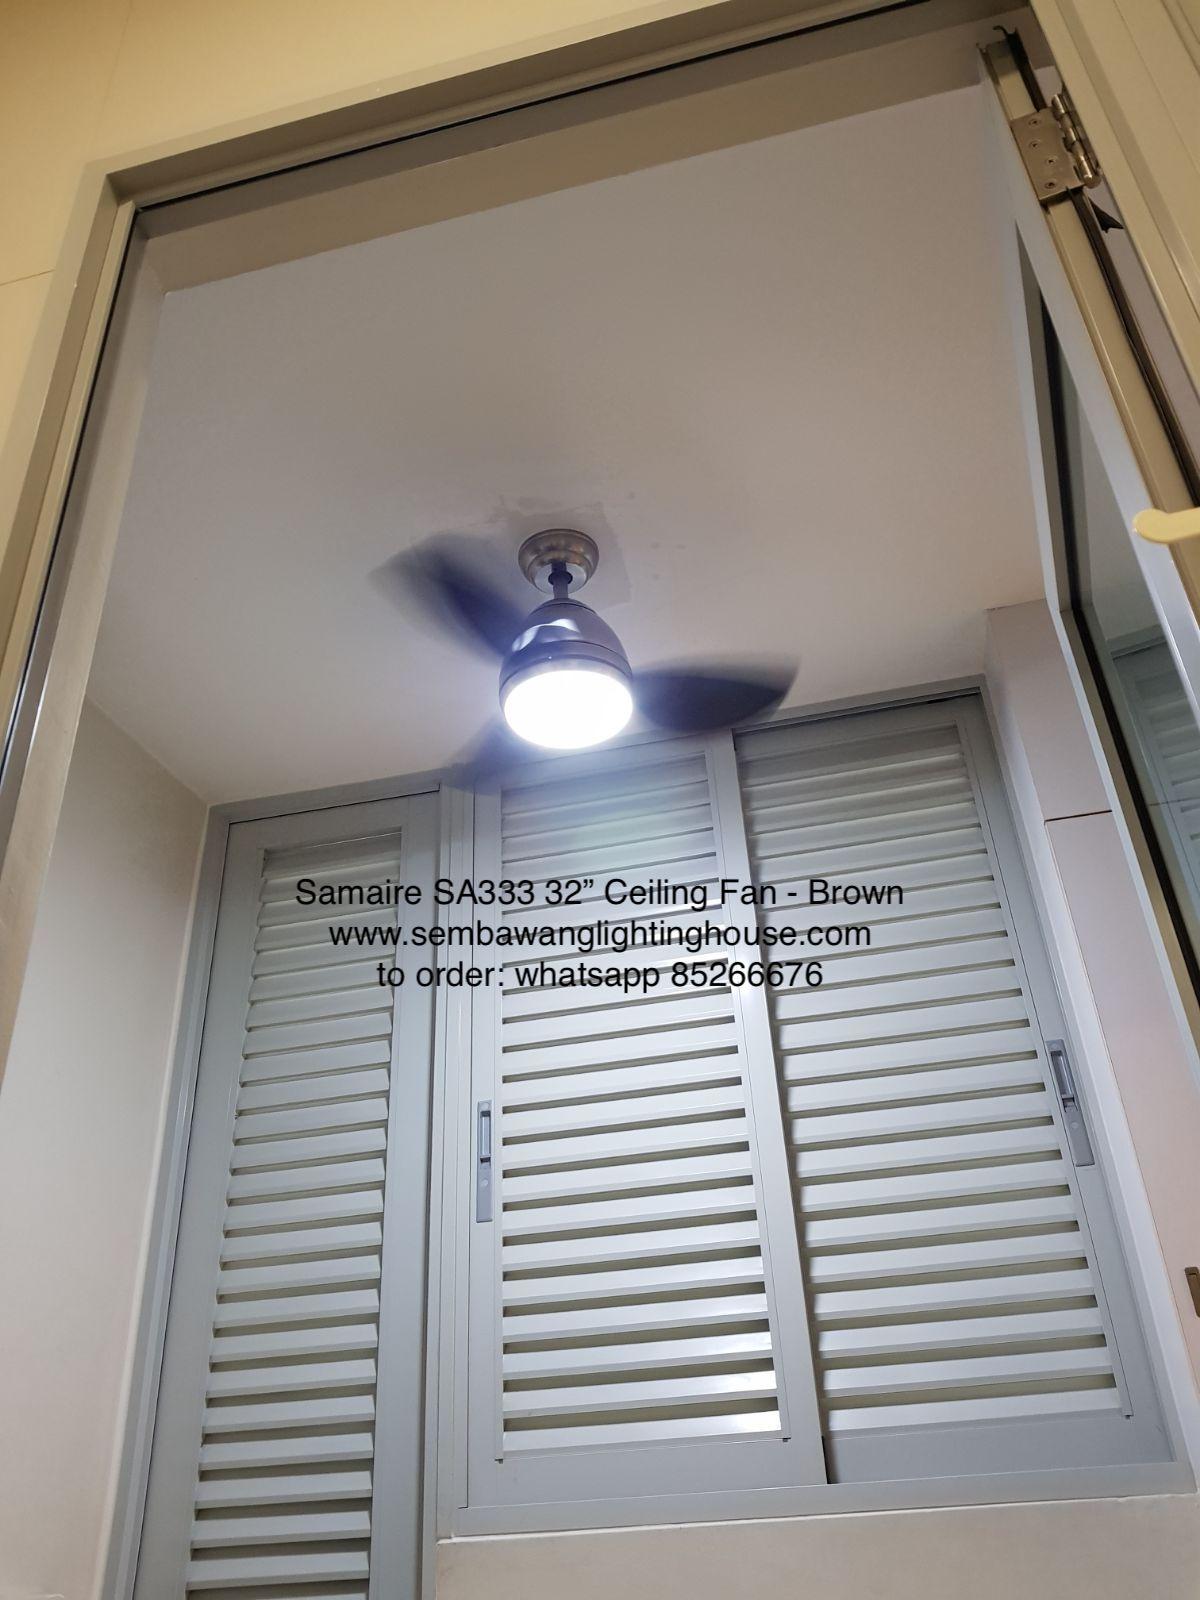 sample03-samaire-sa333-ceiling-fan-brown-sembawang-lighting-house.jpg